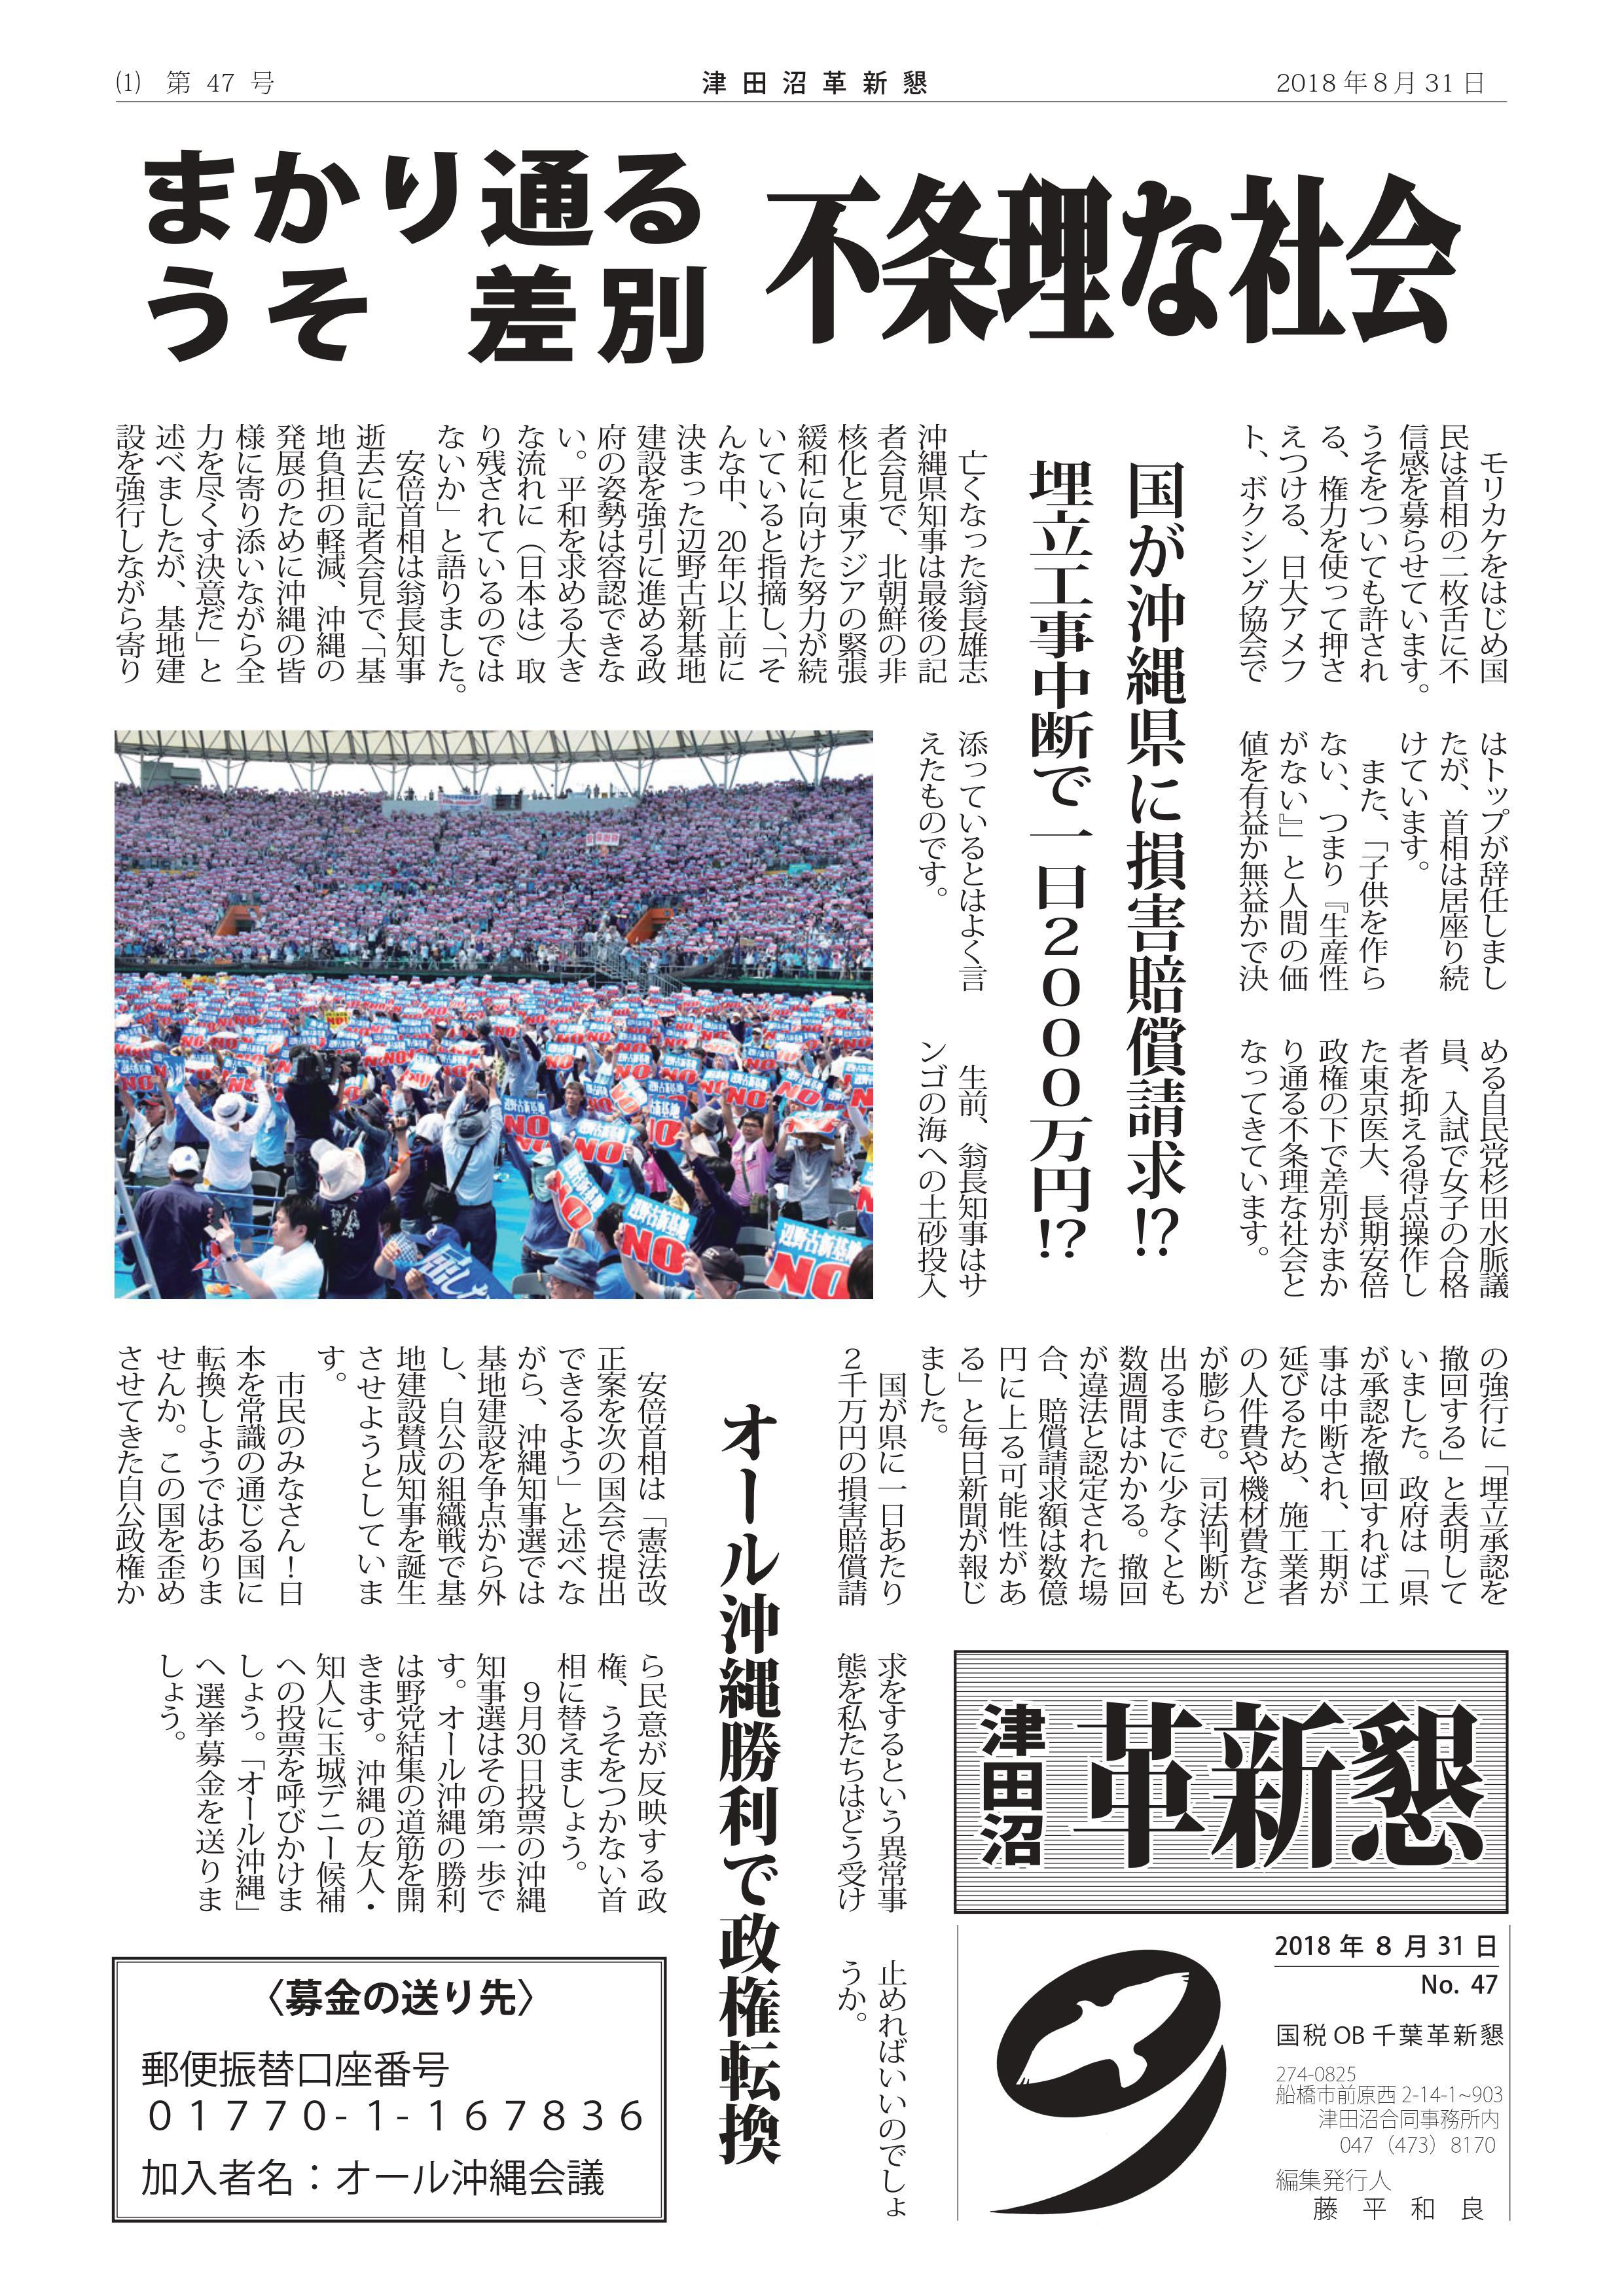 津田沼革新懇2018年8月